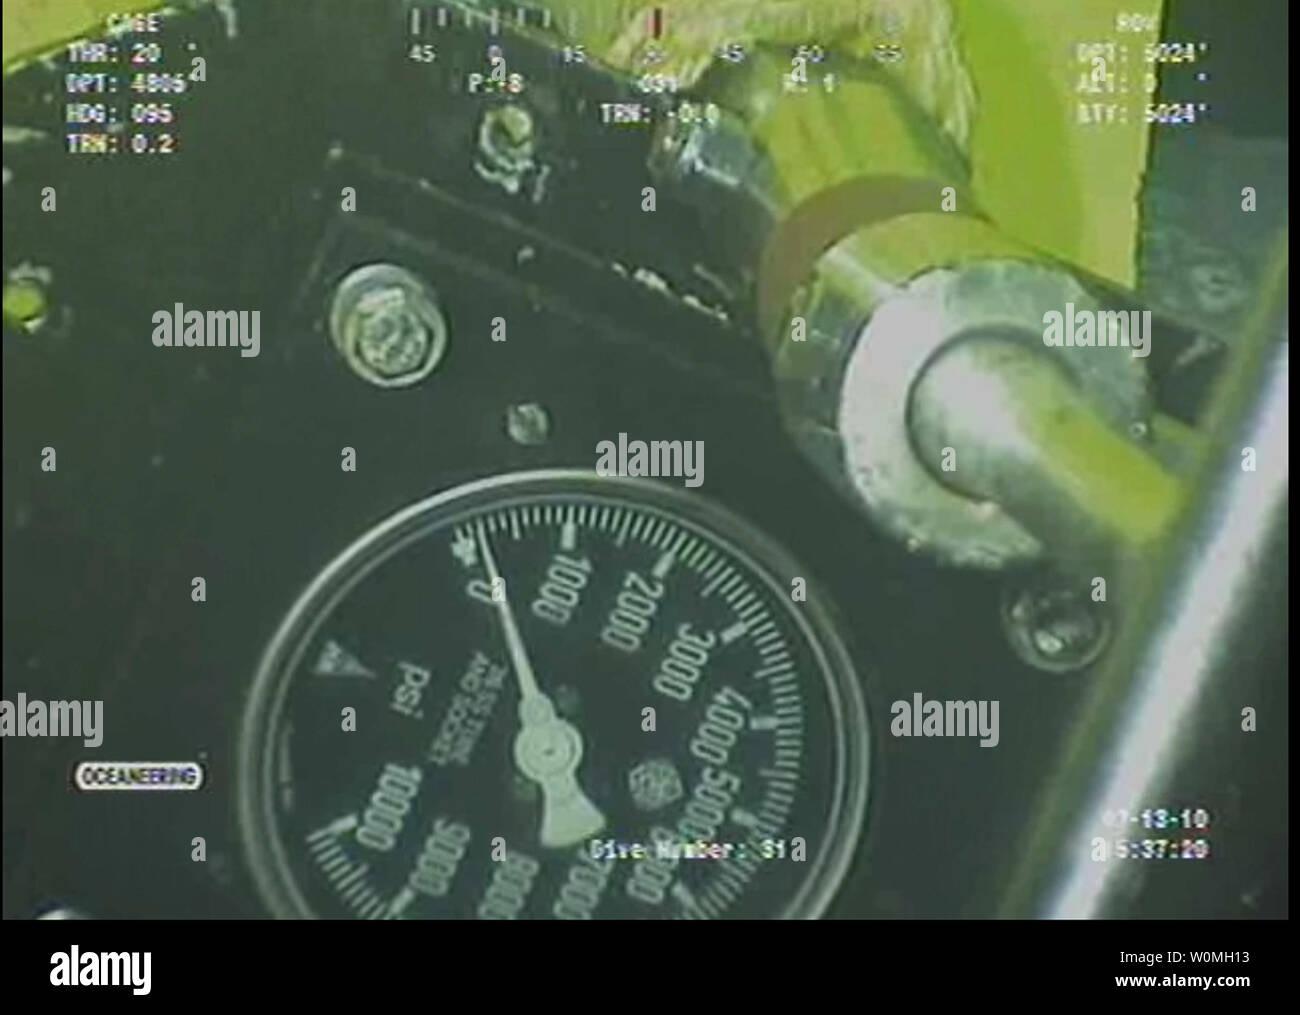 Questo video ancora fornito da parte di BP plc mostra un manometro che verrà utilizzato per eseguire il test del cappuccio installato che contribuiscono a ridurre la perdita di olio nel Golfo presso il sito della British Petroleum Deepwater Horizon fuoriuscite di olio, 13 luglio 2010. UPI/BP Immagini Stock